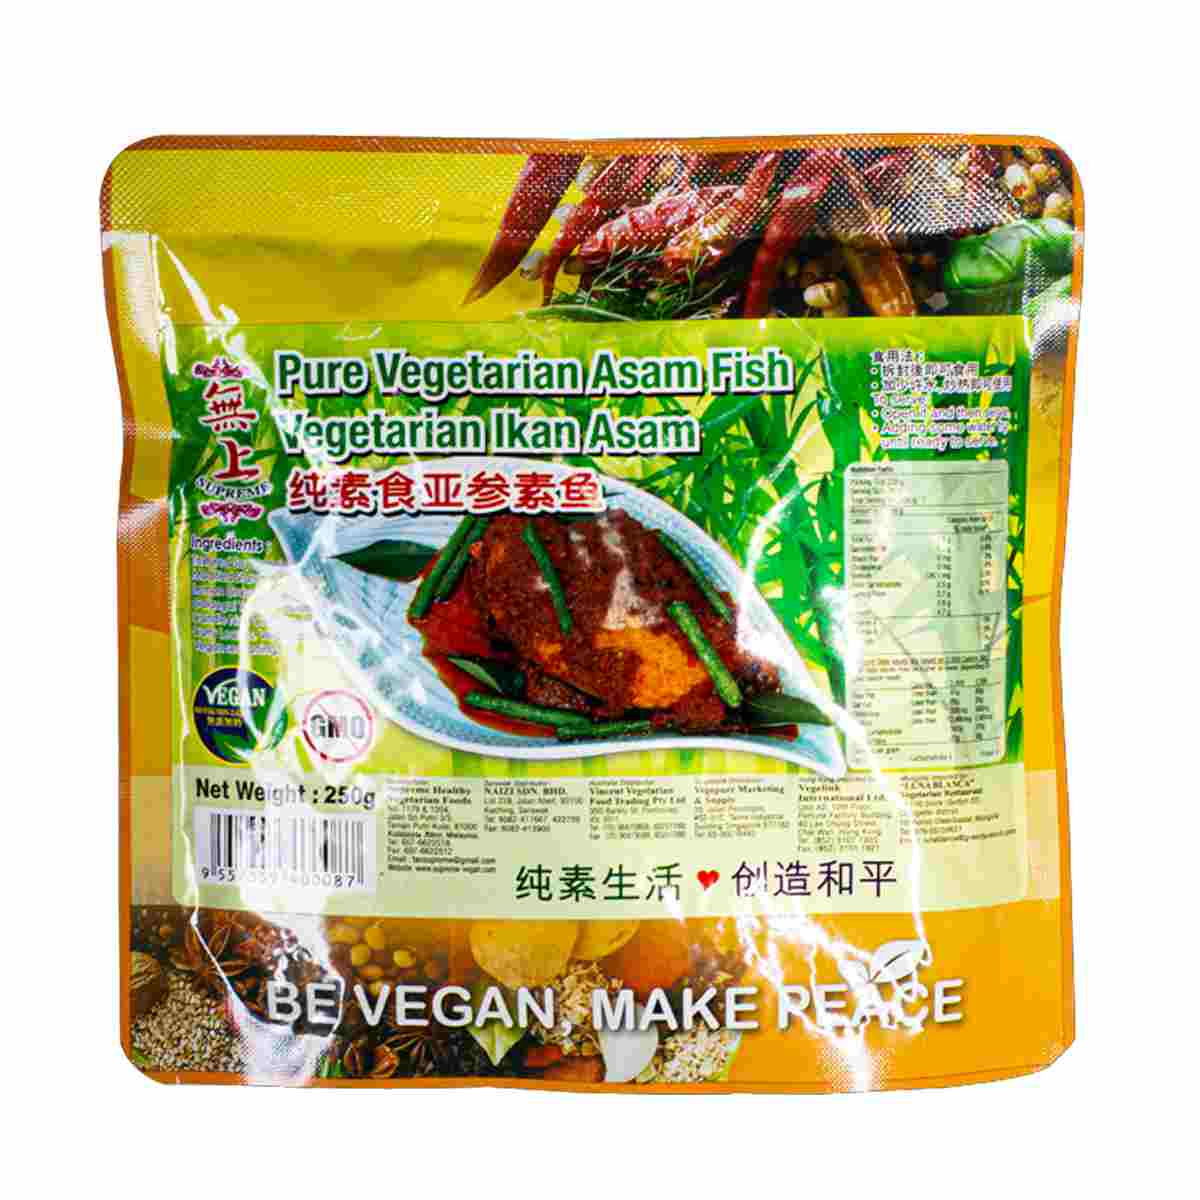 Image Vegetarian Asam Fish 无上-素食素阿參鱼 300grams